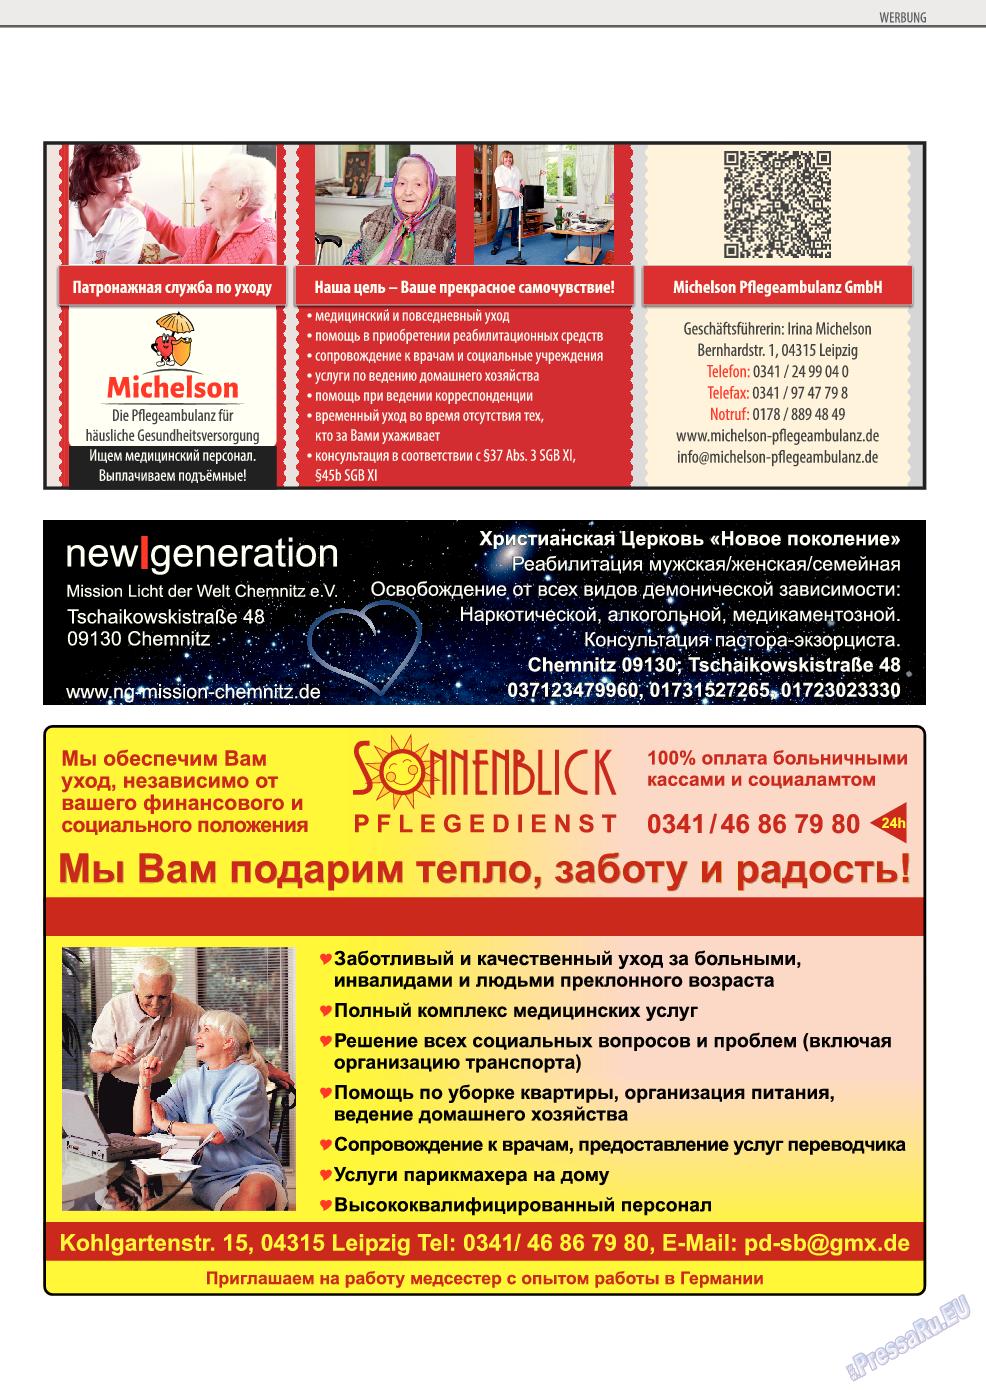 Берлинский телеграф (журнал). 2015 год, номер 10, стр. 39